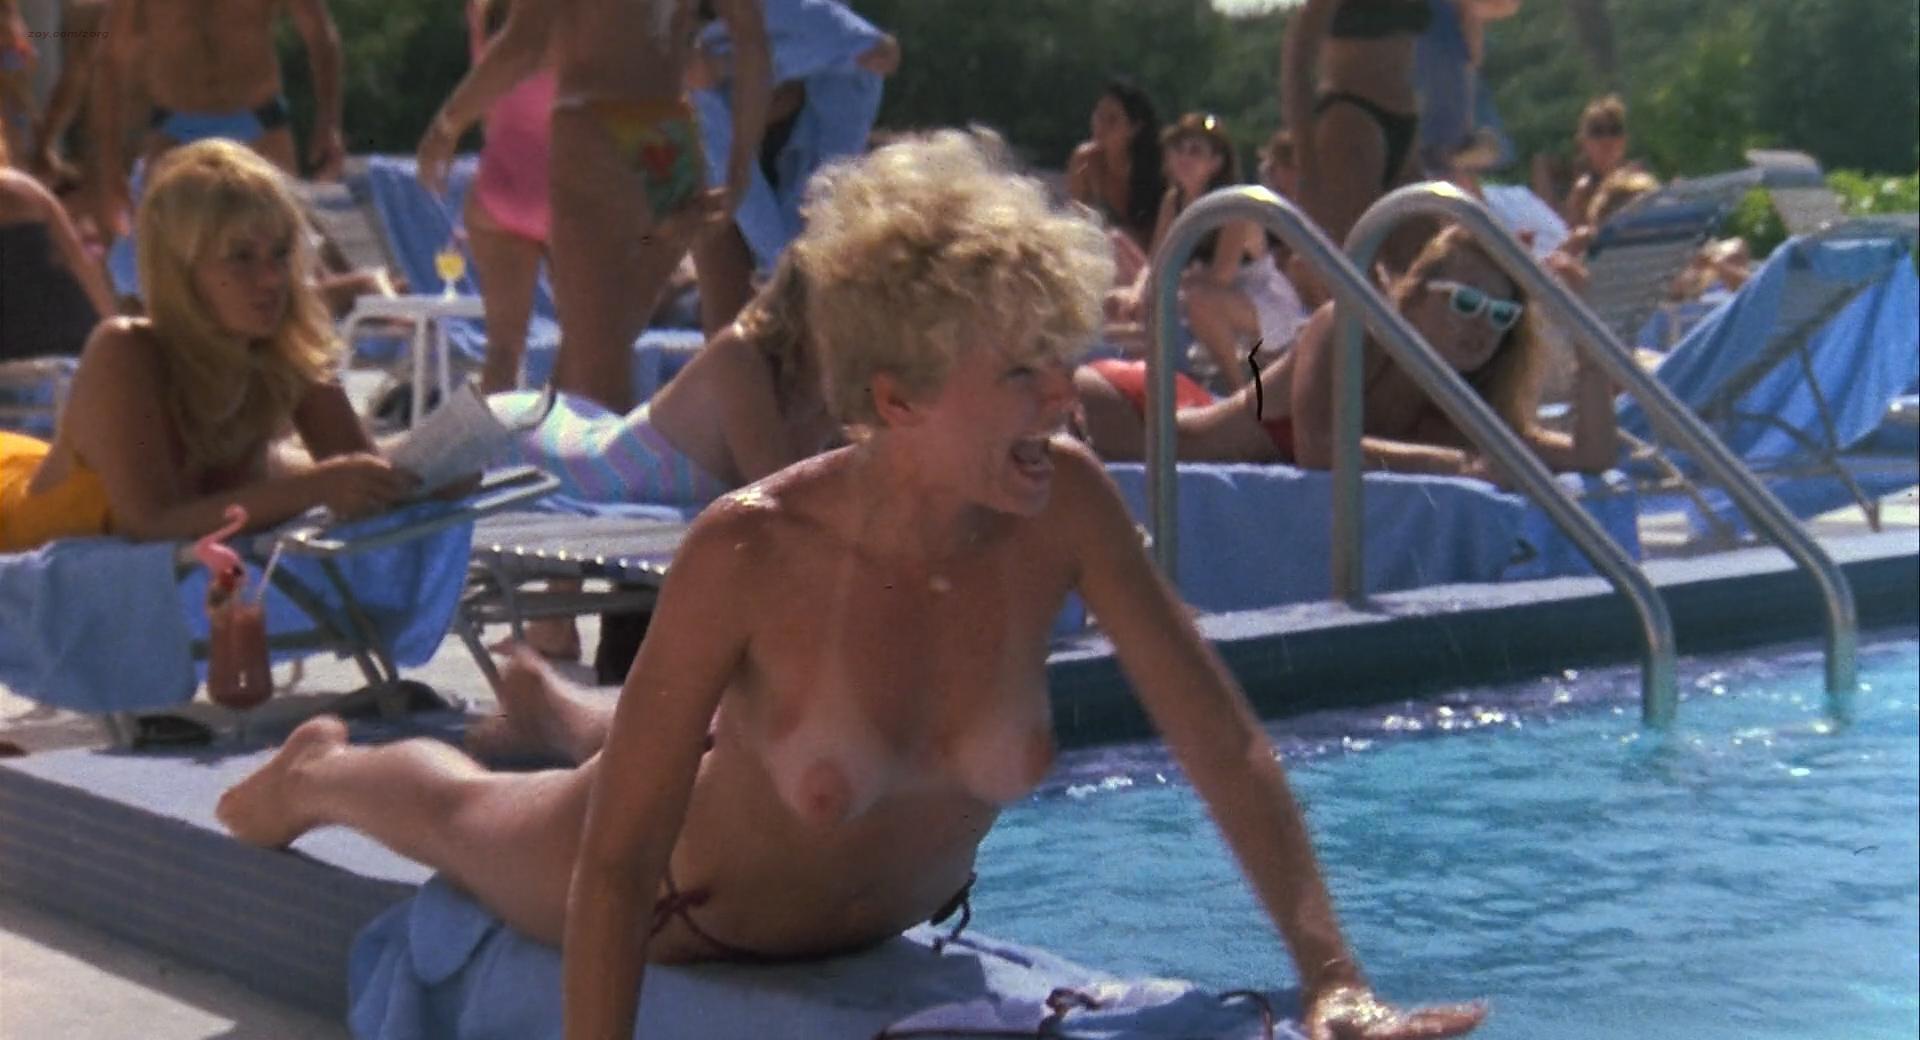 Free playboy leslie easterbrook nude